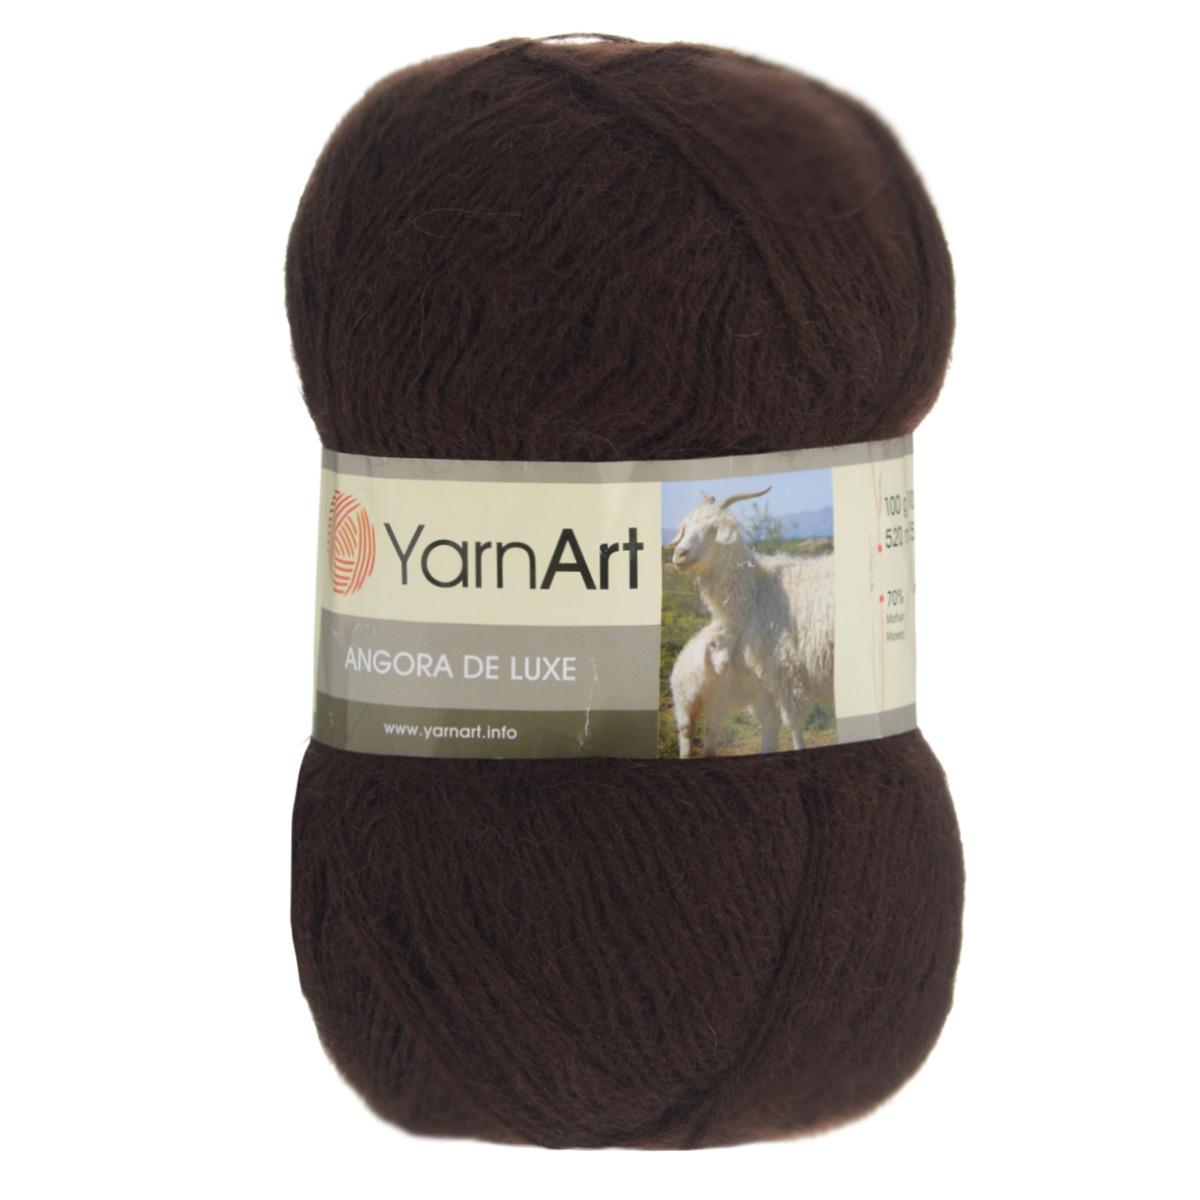 пряжа для вязания Yarnart Angora De Luxe цвет темно коричневый